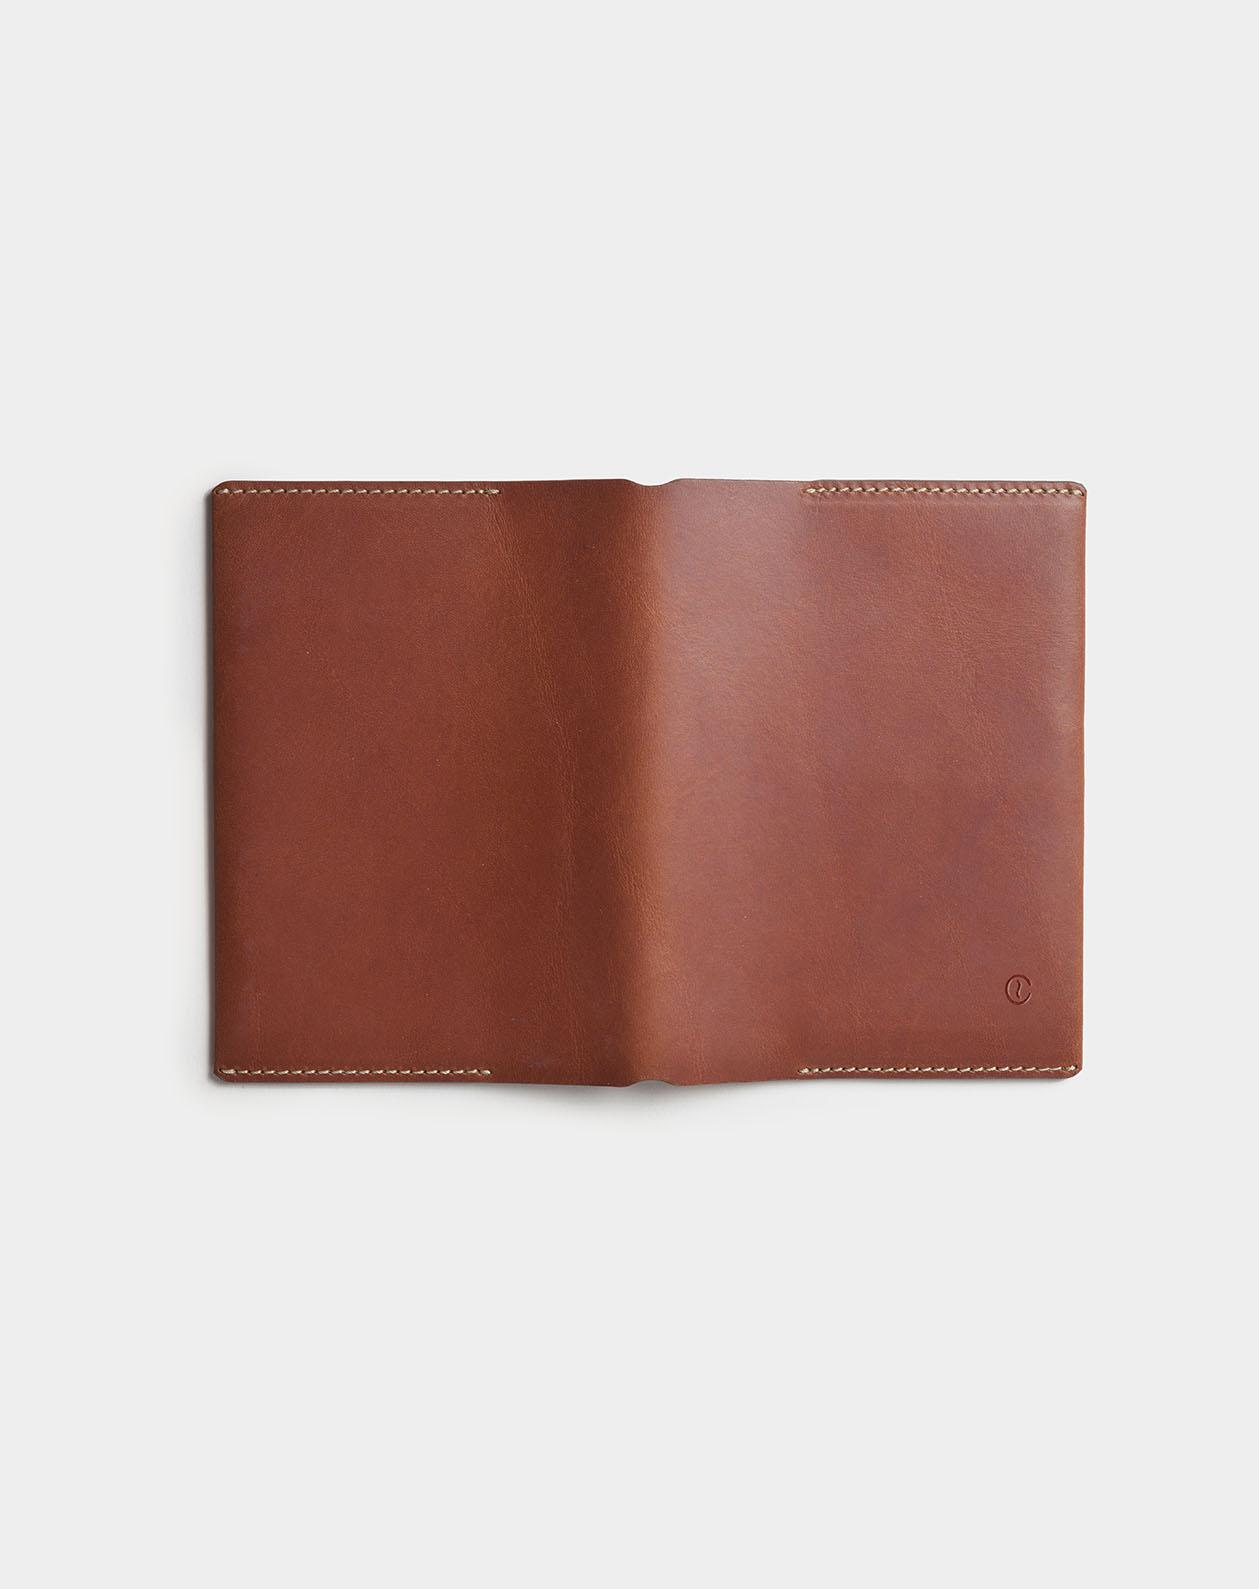 passporte wallet front